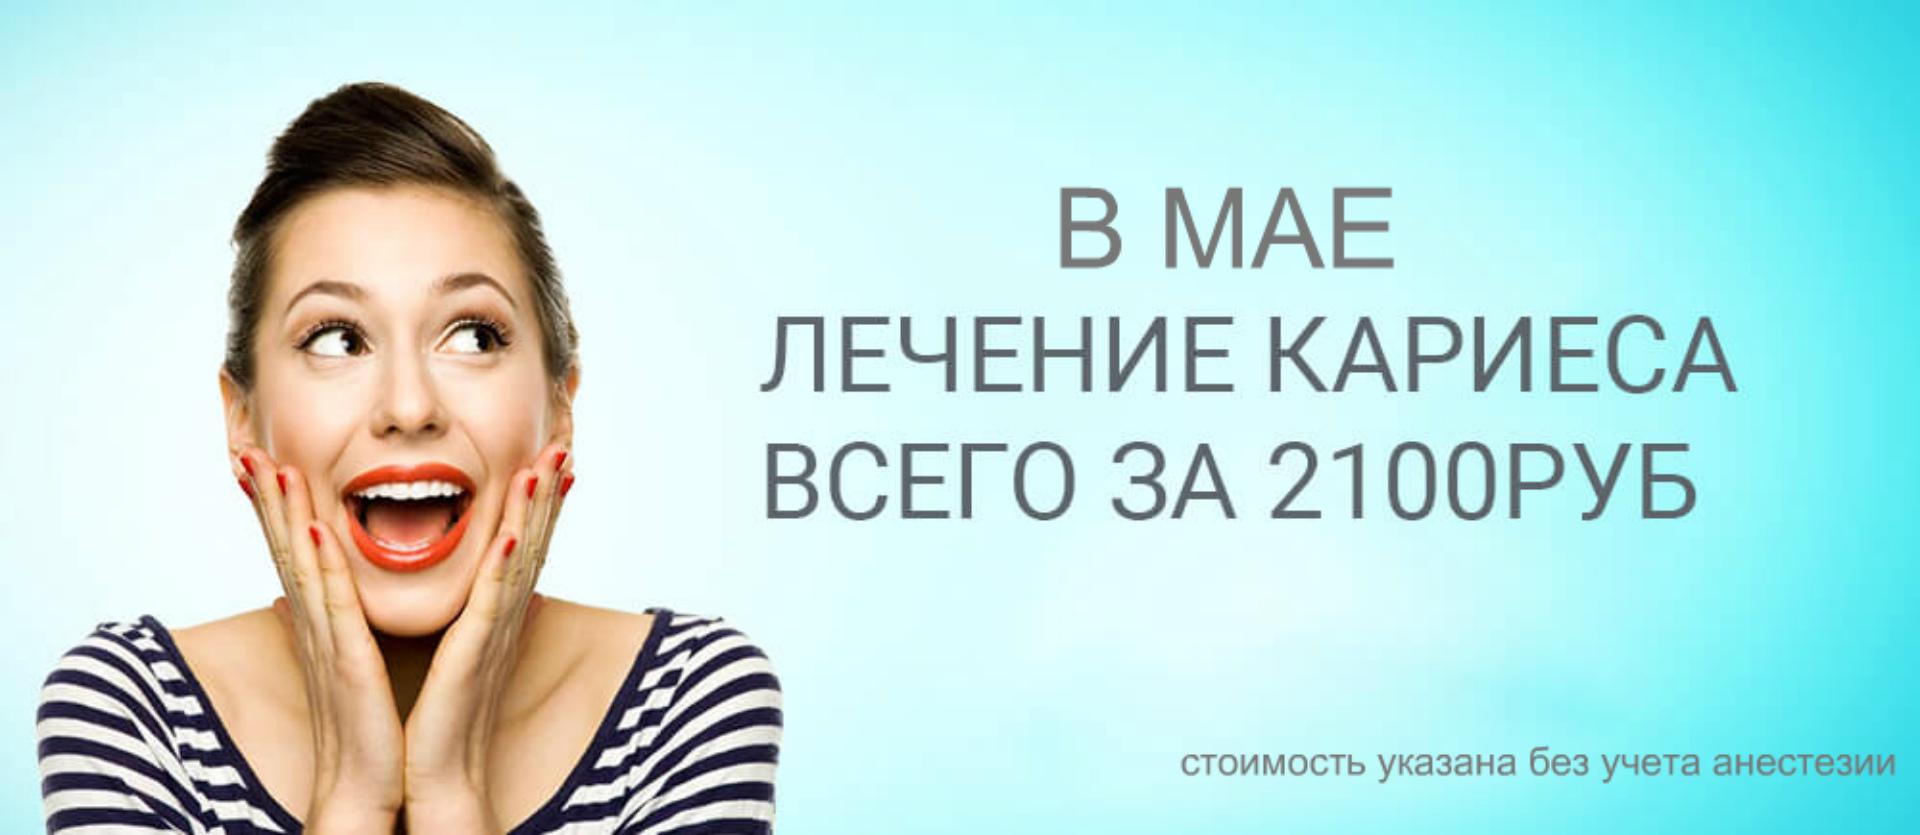 Акция на лечение кариеса в мае!!! Врач-стоматолог Гурко Екатерина Александровна